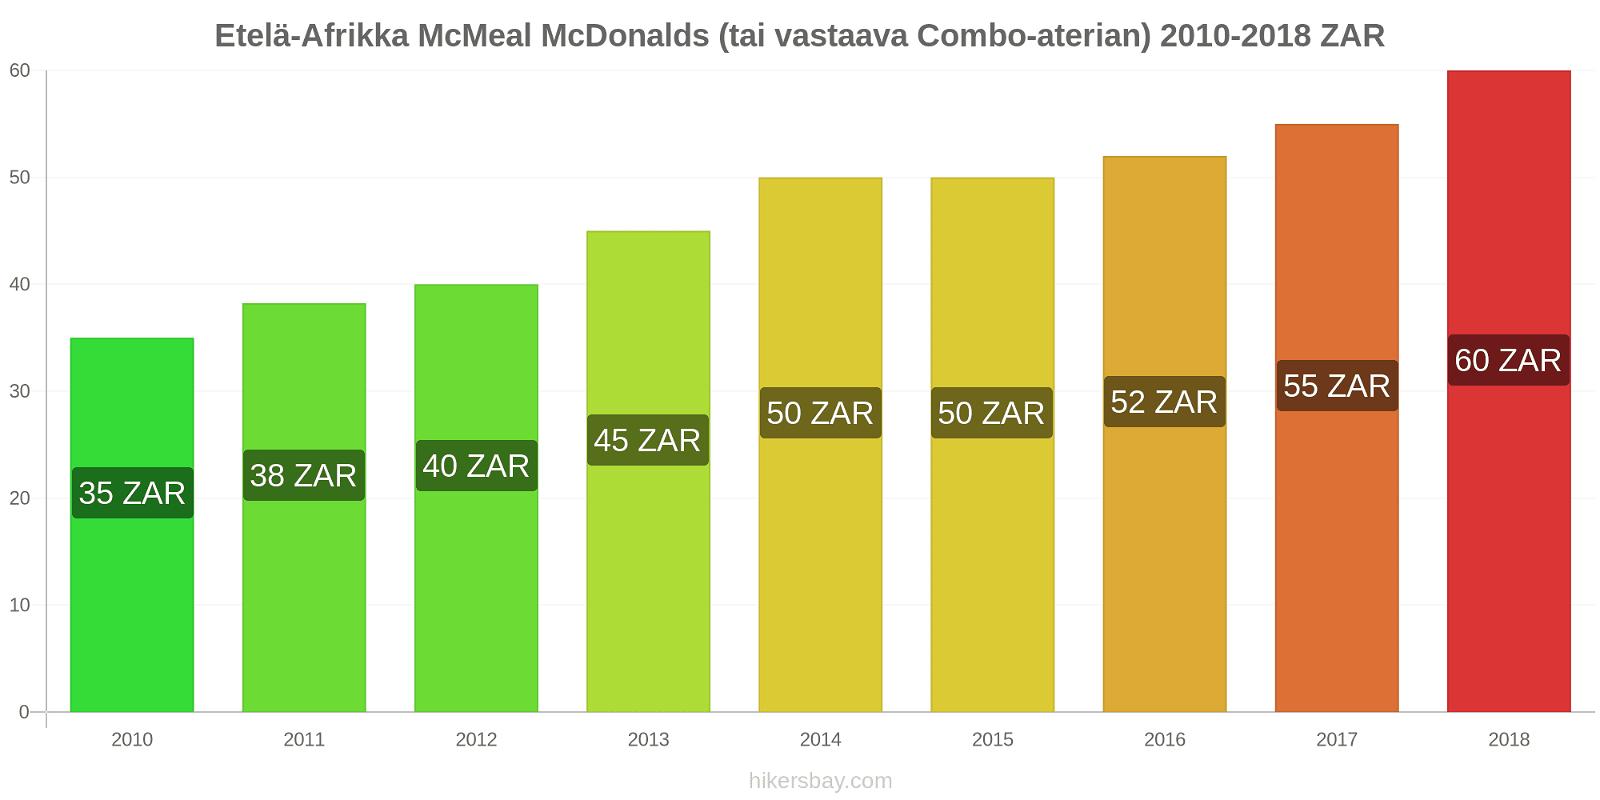 Etelä-Afrikka hintojen muutokset McMeal McDonalds (tai vastaava Combo-aterian) hikersbay.com